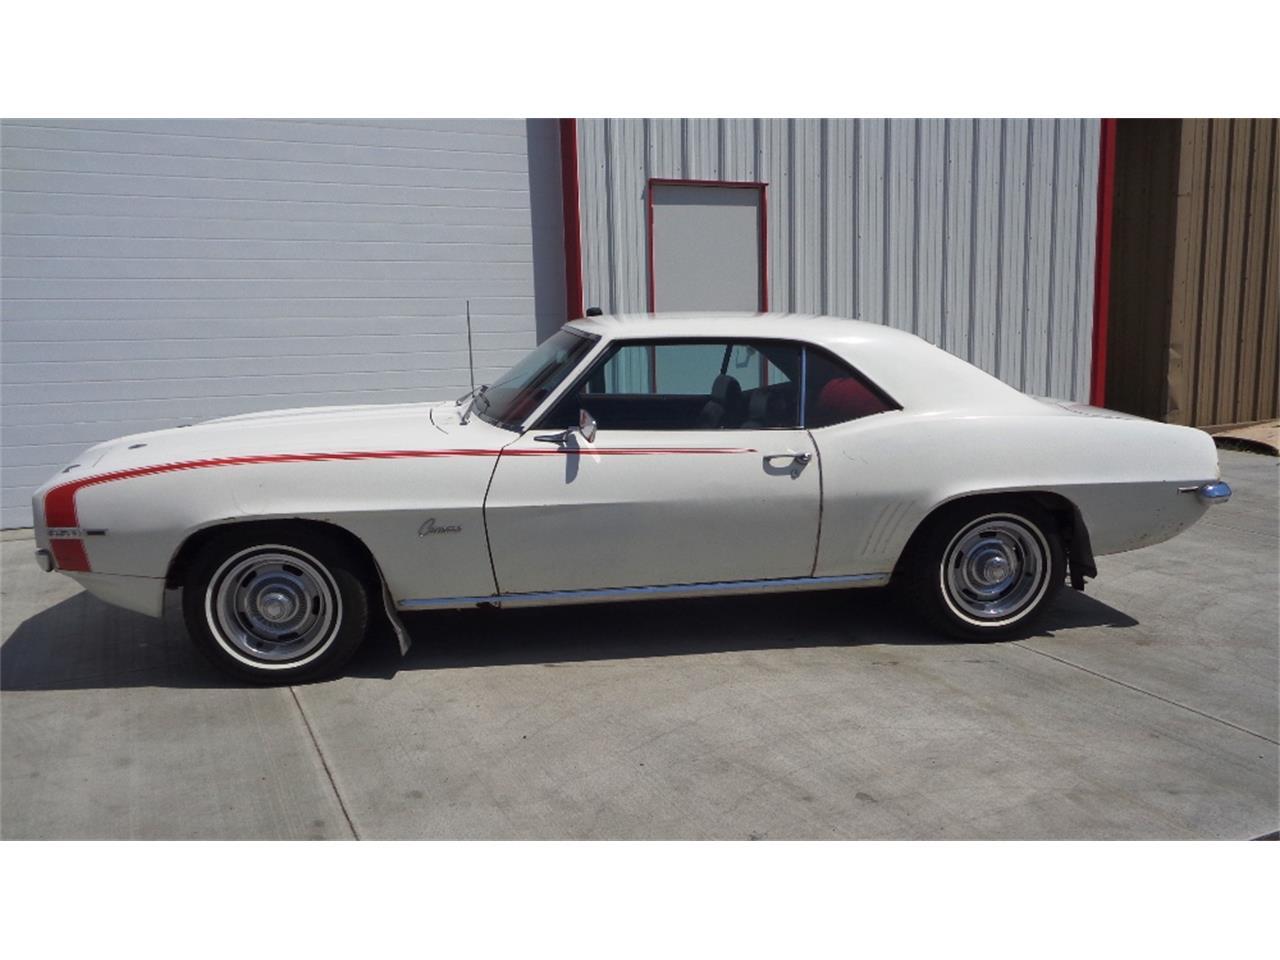 1969 Chevrolet Camaro For Sale Classiccars Com Cc 1016518